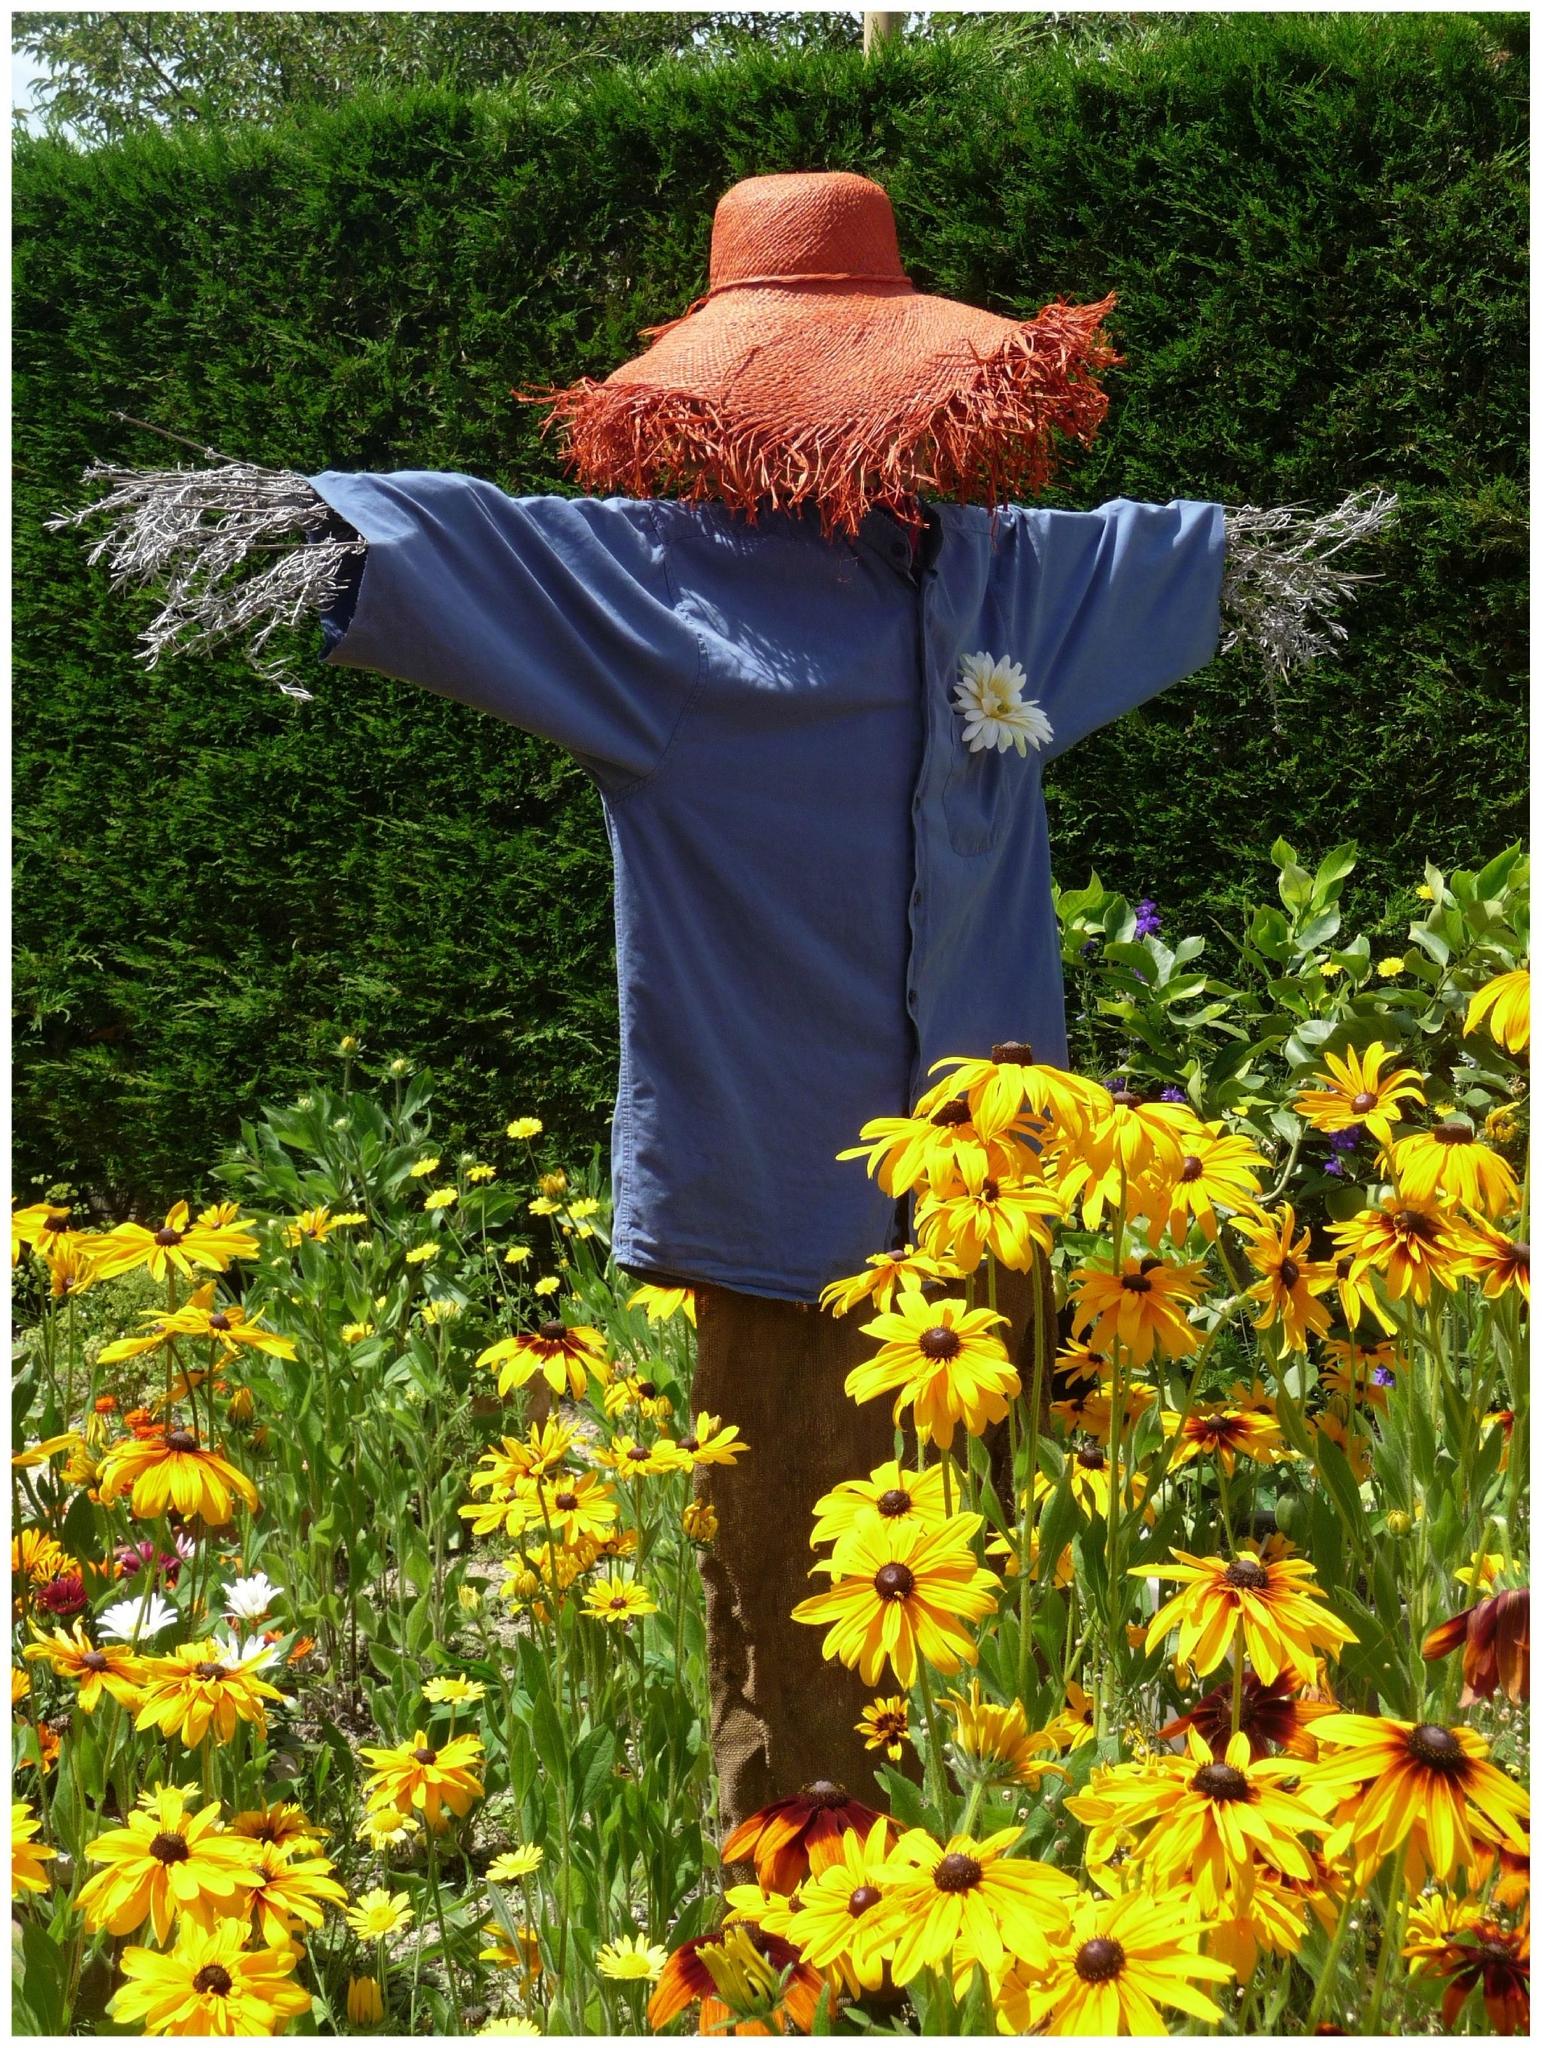 Épouvantail Au Jardin - Une Fenêtre Entr'ouverte destiné Épouvantail Jardin